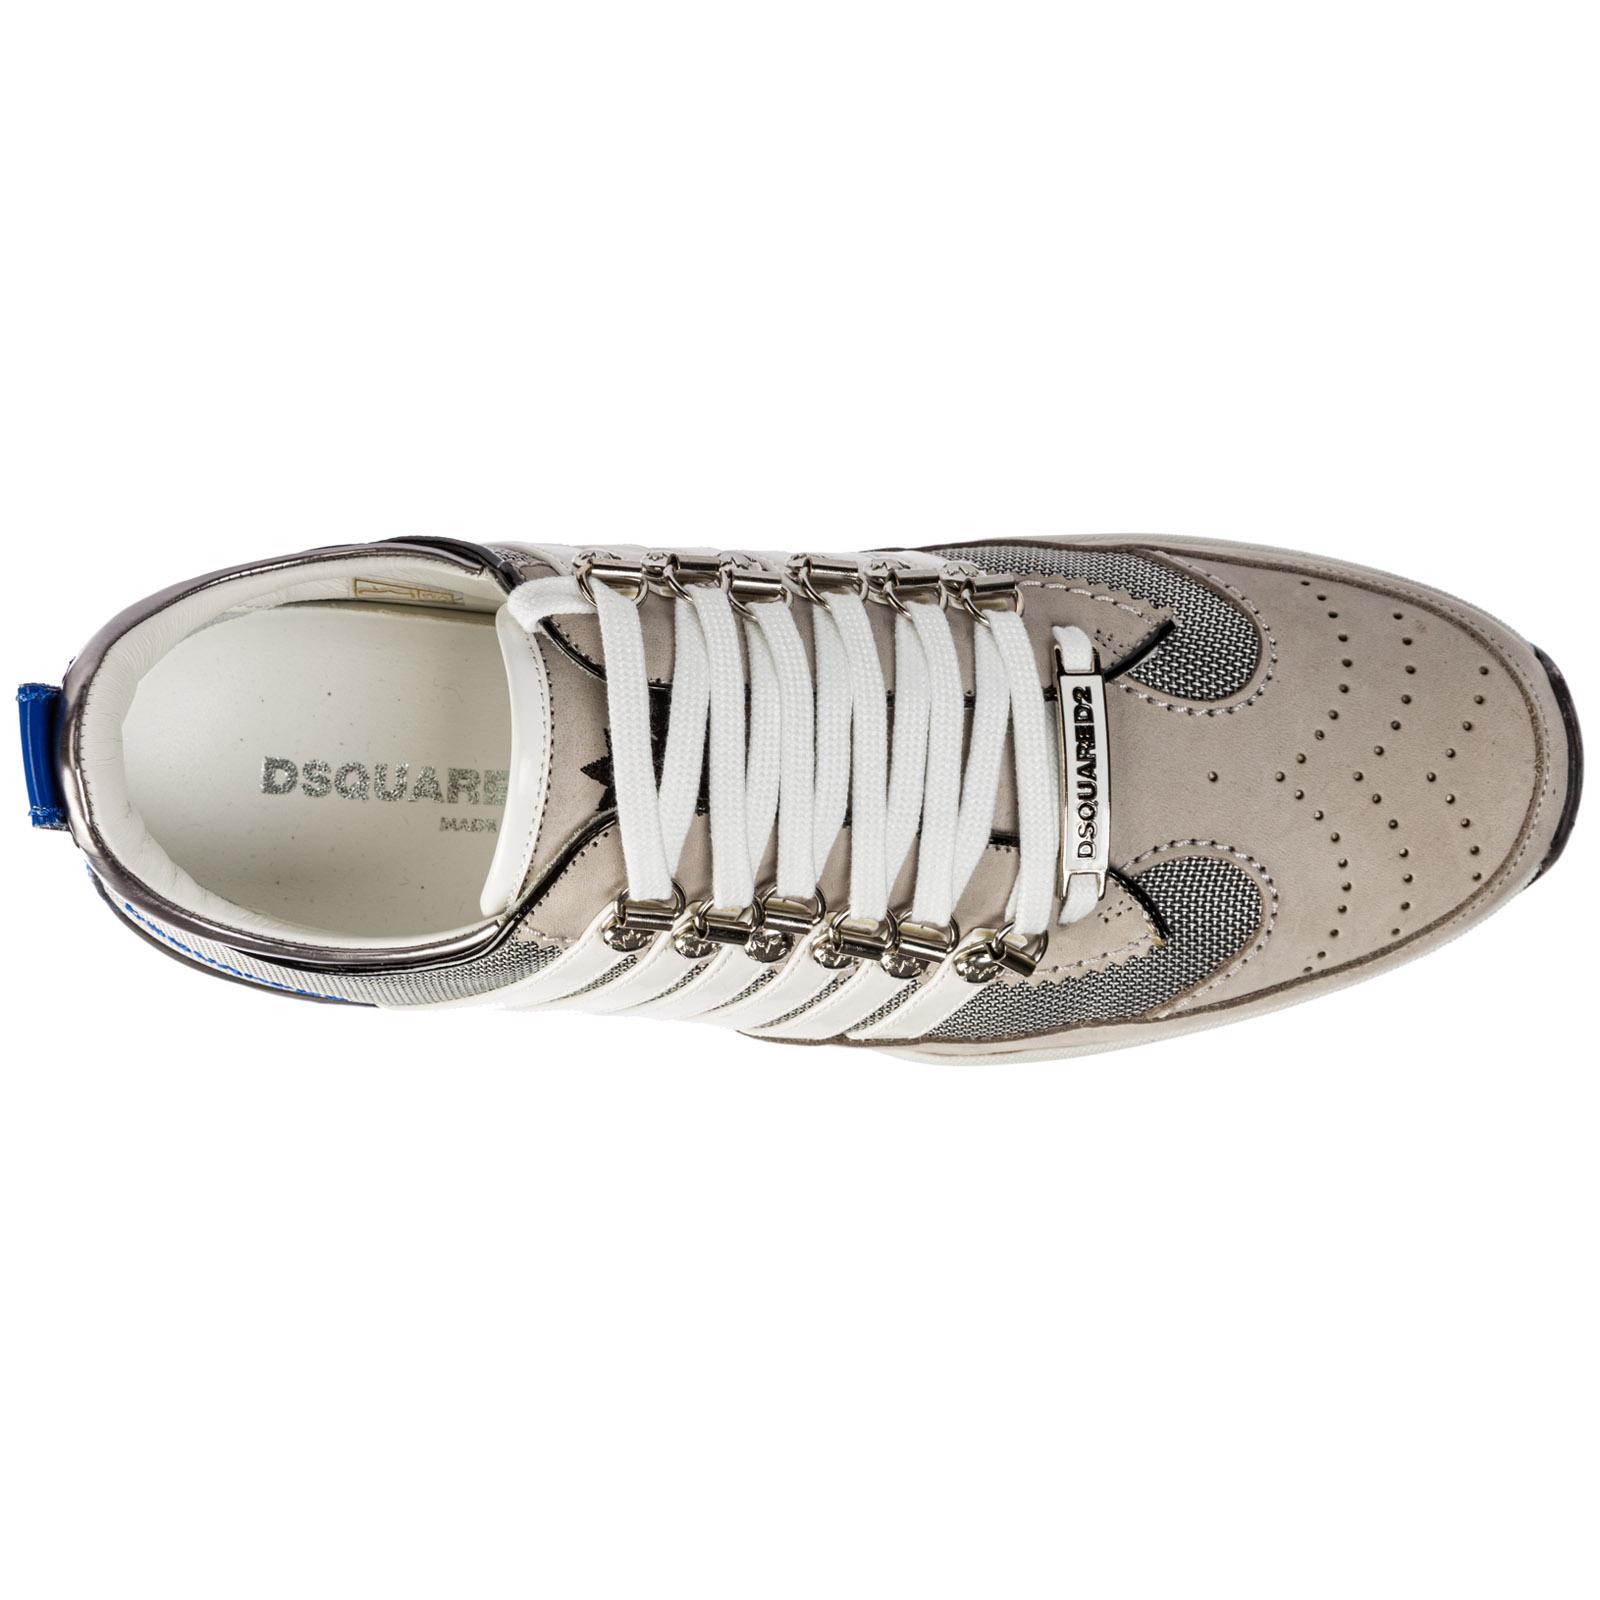 Dsquared2 Herrenschuhe Herren Leder Schuhe Sneakers 251 Weiß